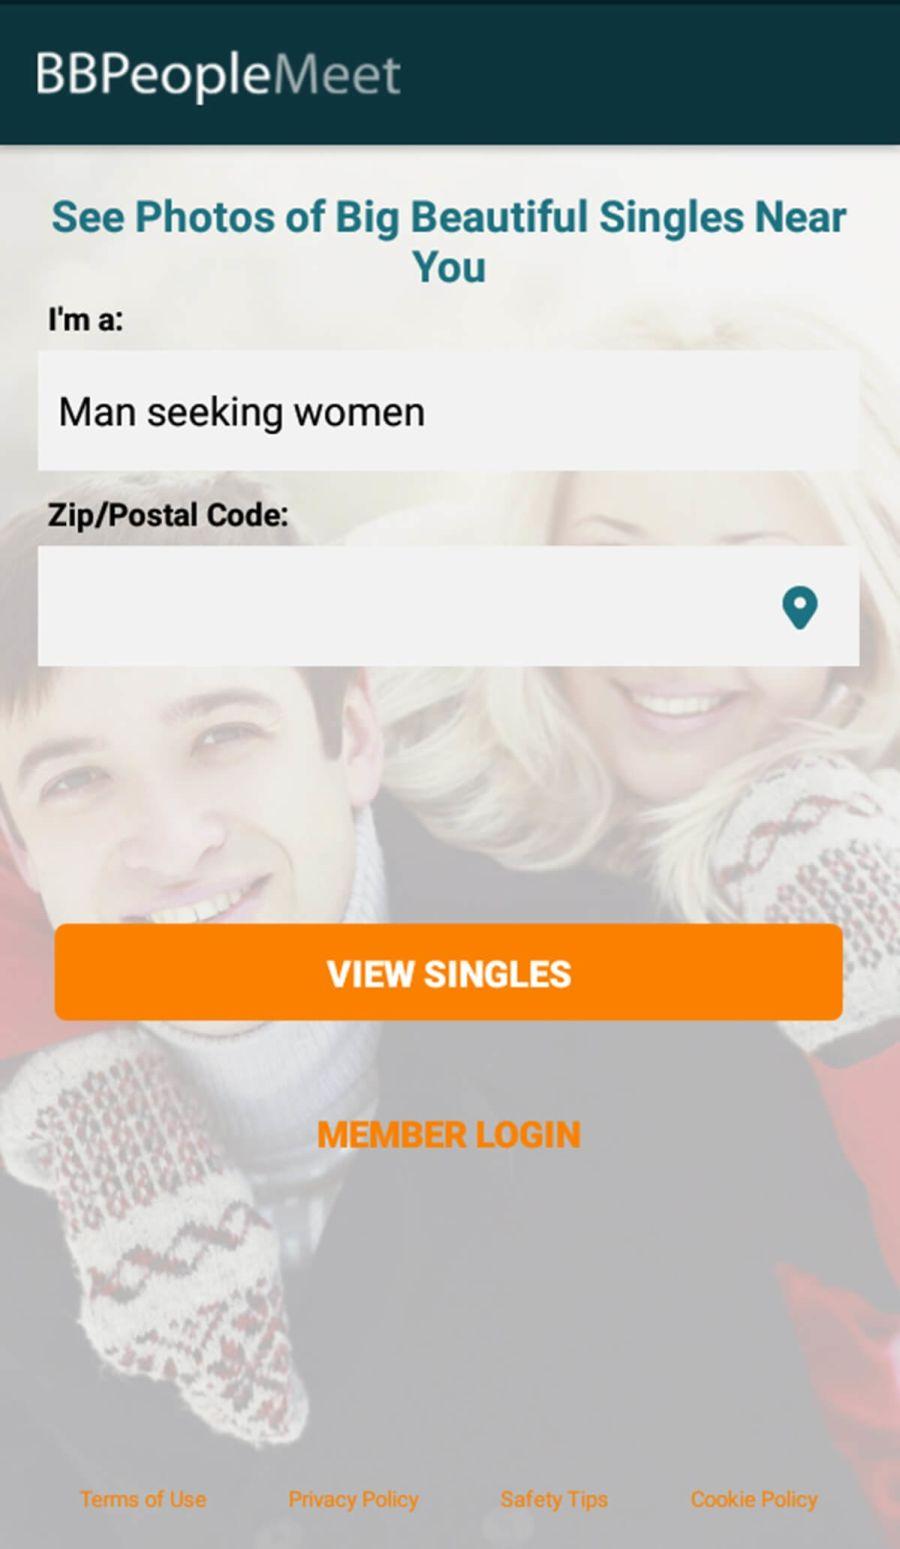 BBPeopleMeet App2